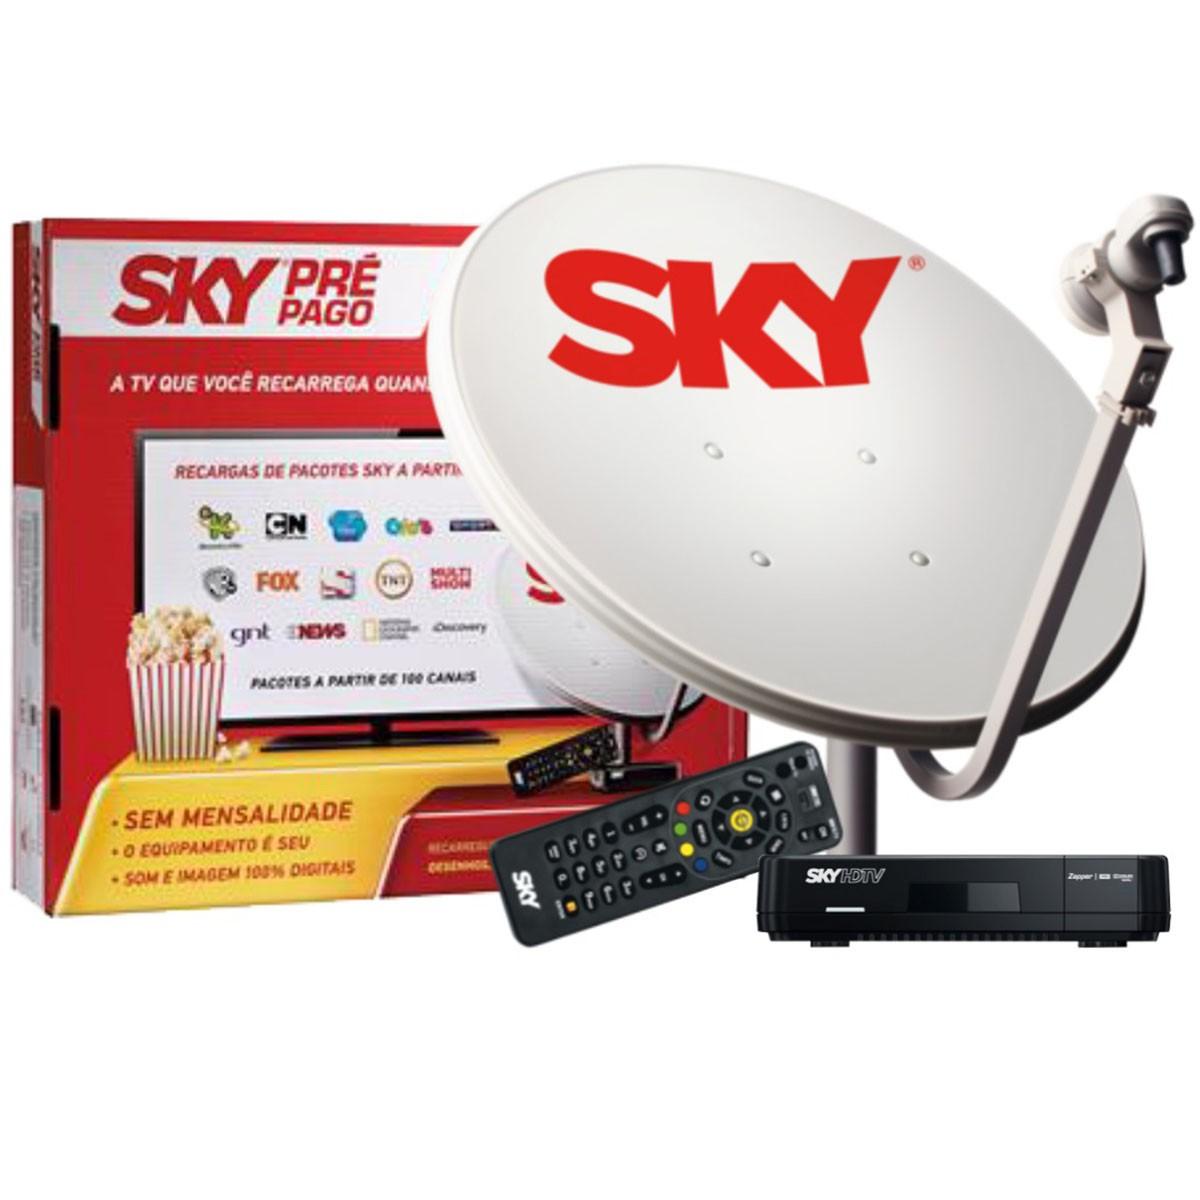 Sky Pré Pago HD  12 Meses sem mensalidade + Antena 60cm & Globo & SBT